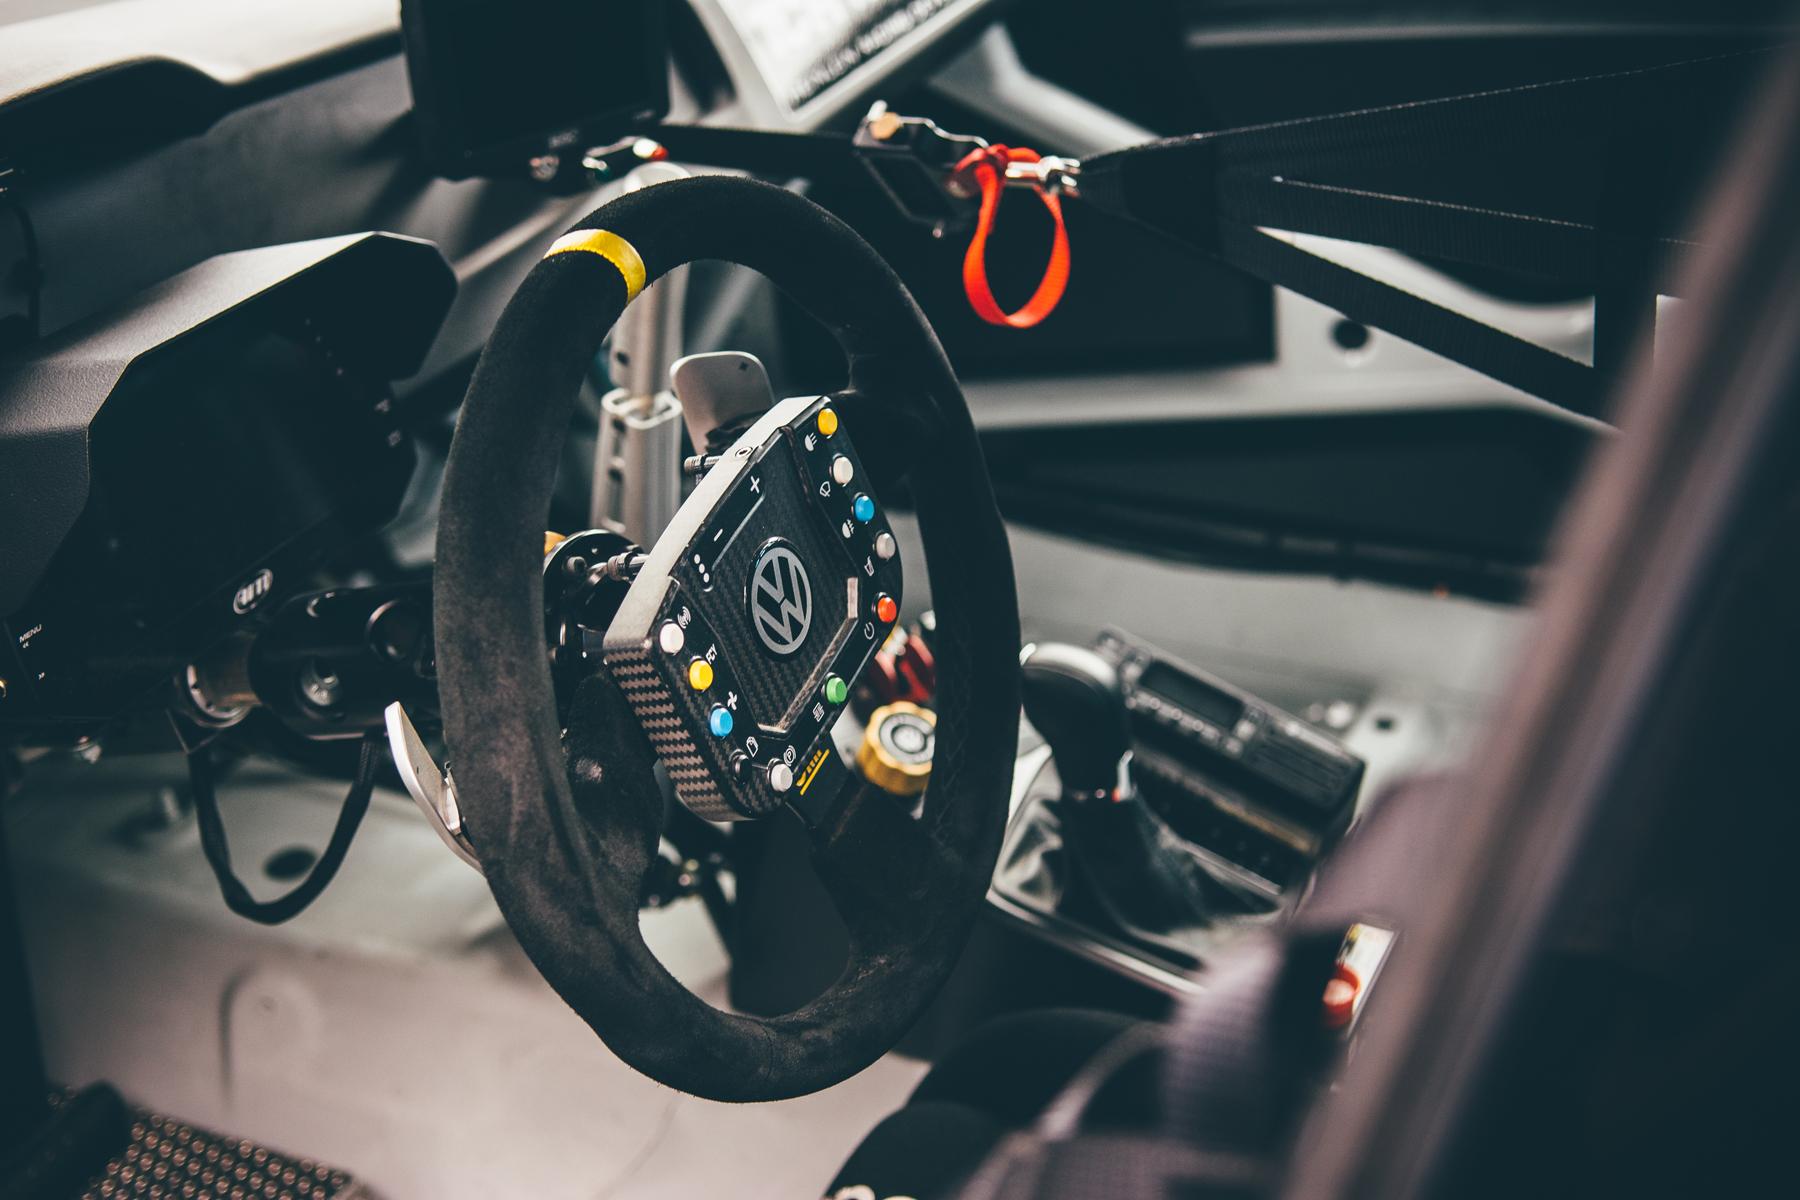 pirelli-world-challenge-pir-fcp-euro-mk7-volkswagen-gti-tcr-02.jpg